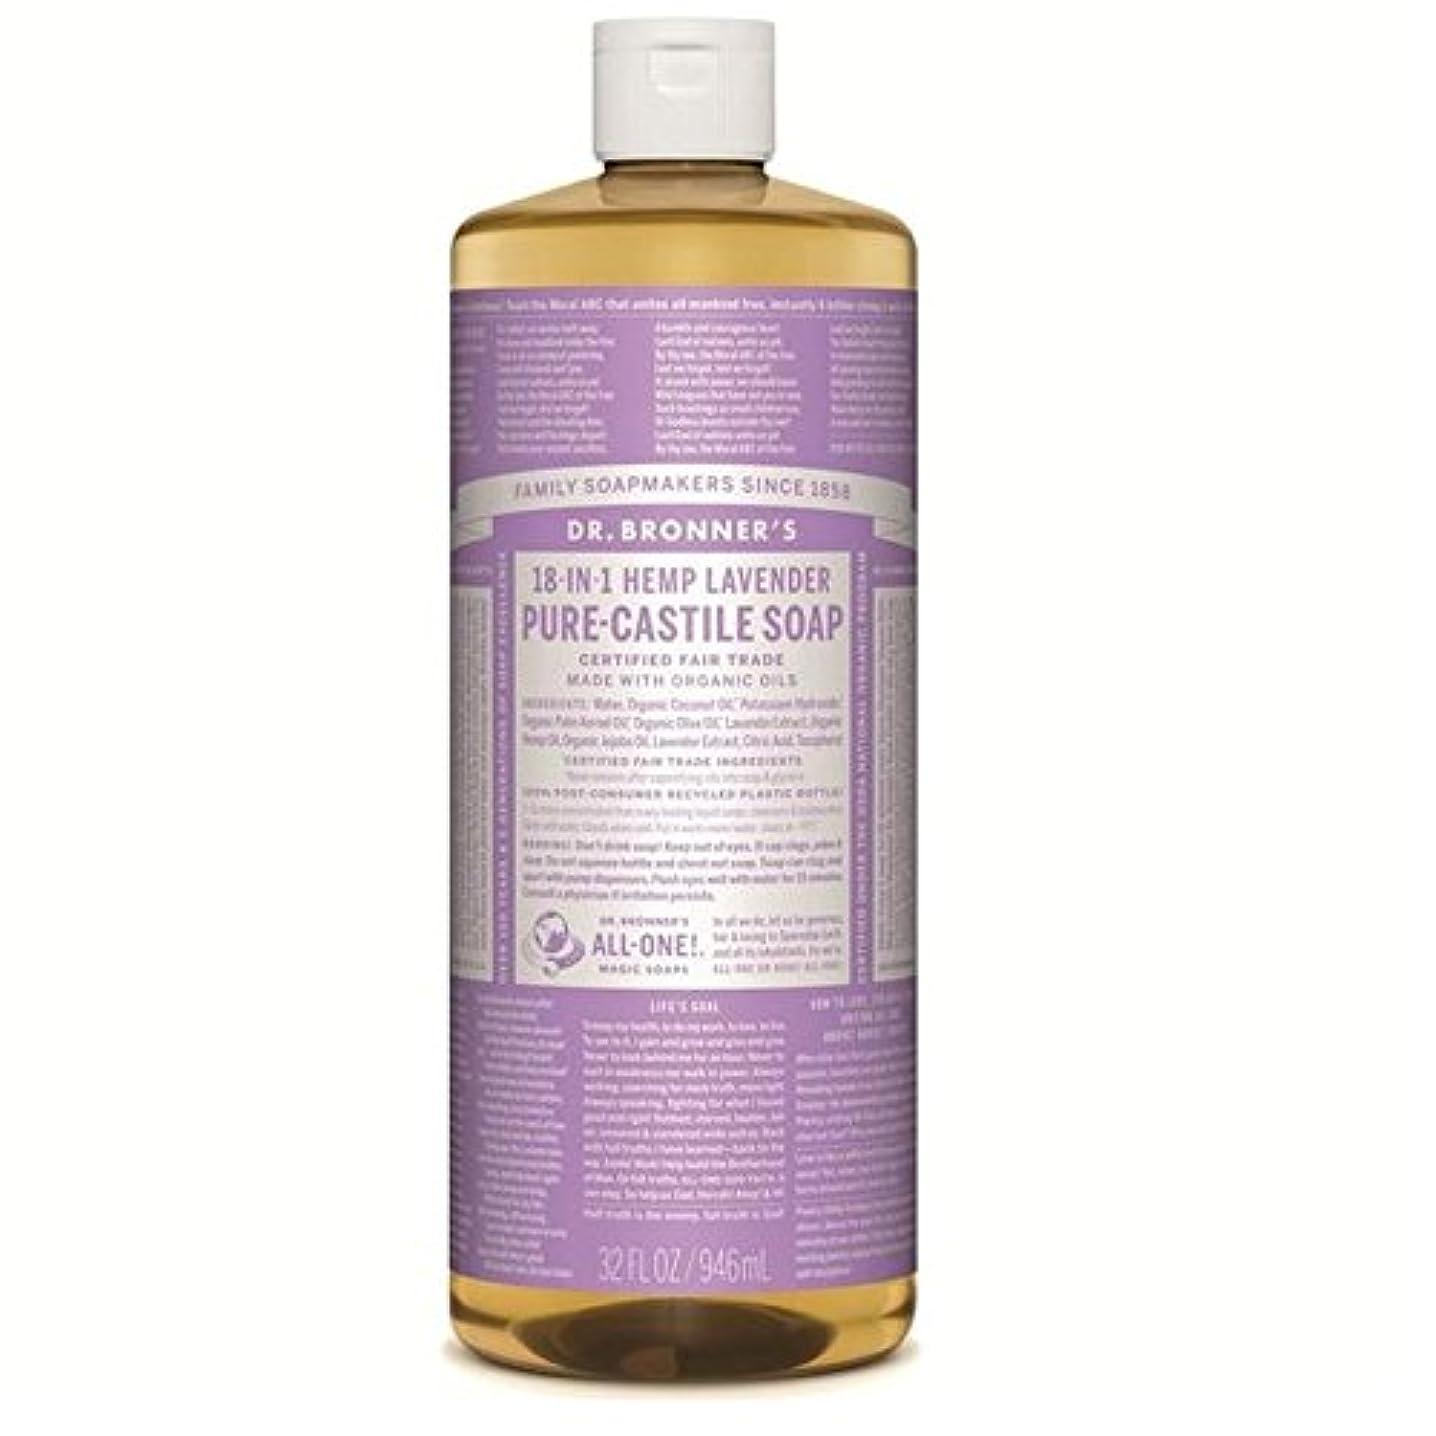 ビバオフ赤外線のブロナー有機ラベンダーカスティーリャ液体石鹸946ミリリットル x2 - Dr Bronner Organic Lavender Castile Liquid Soap 946ml (Pack of 2) [並行輸入品]